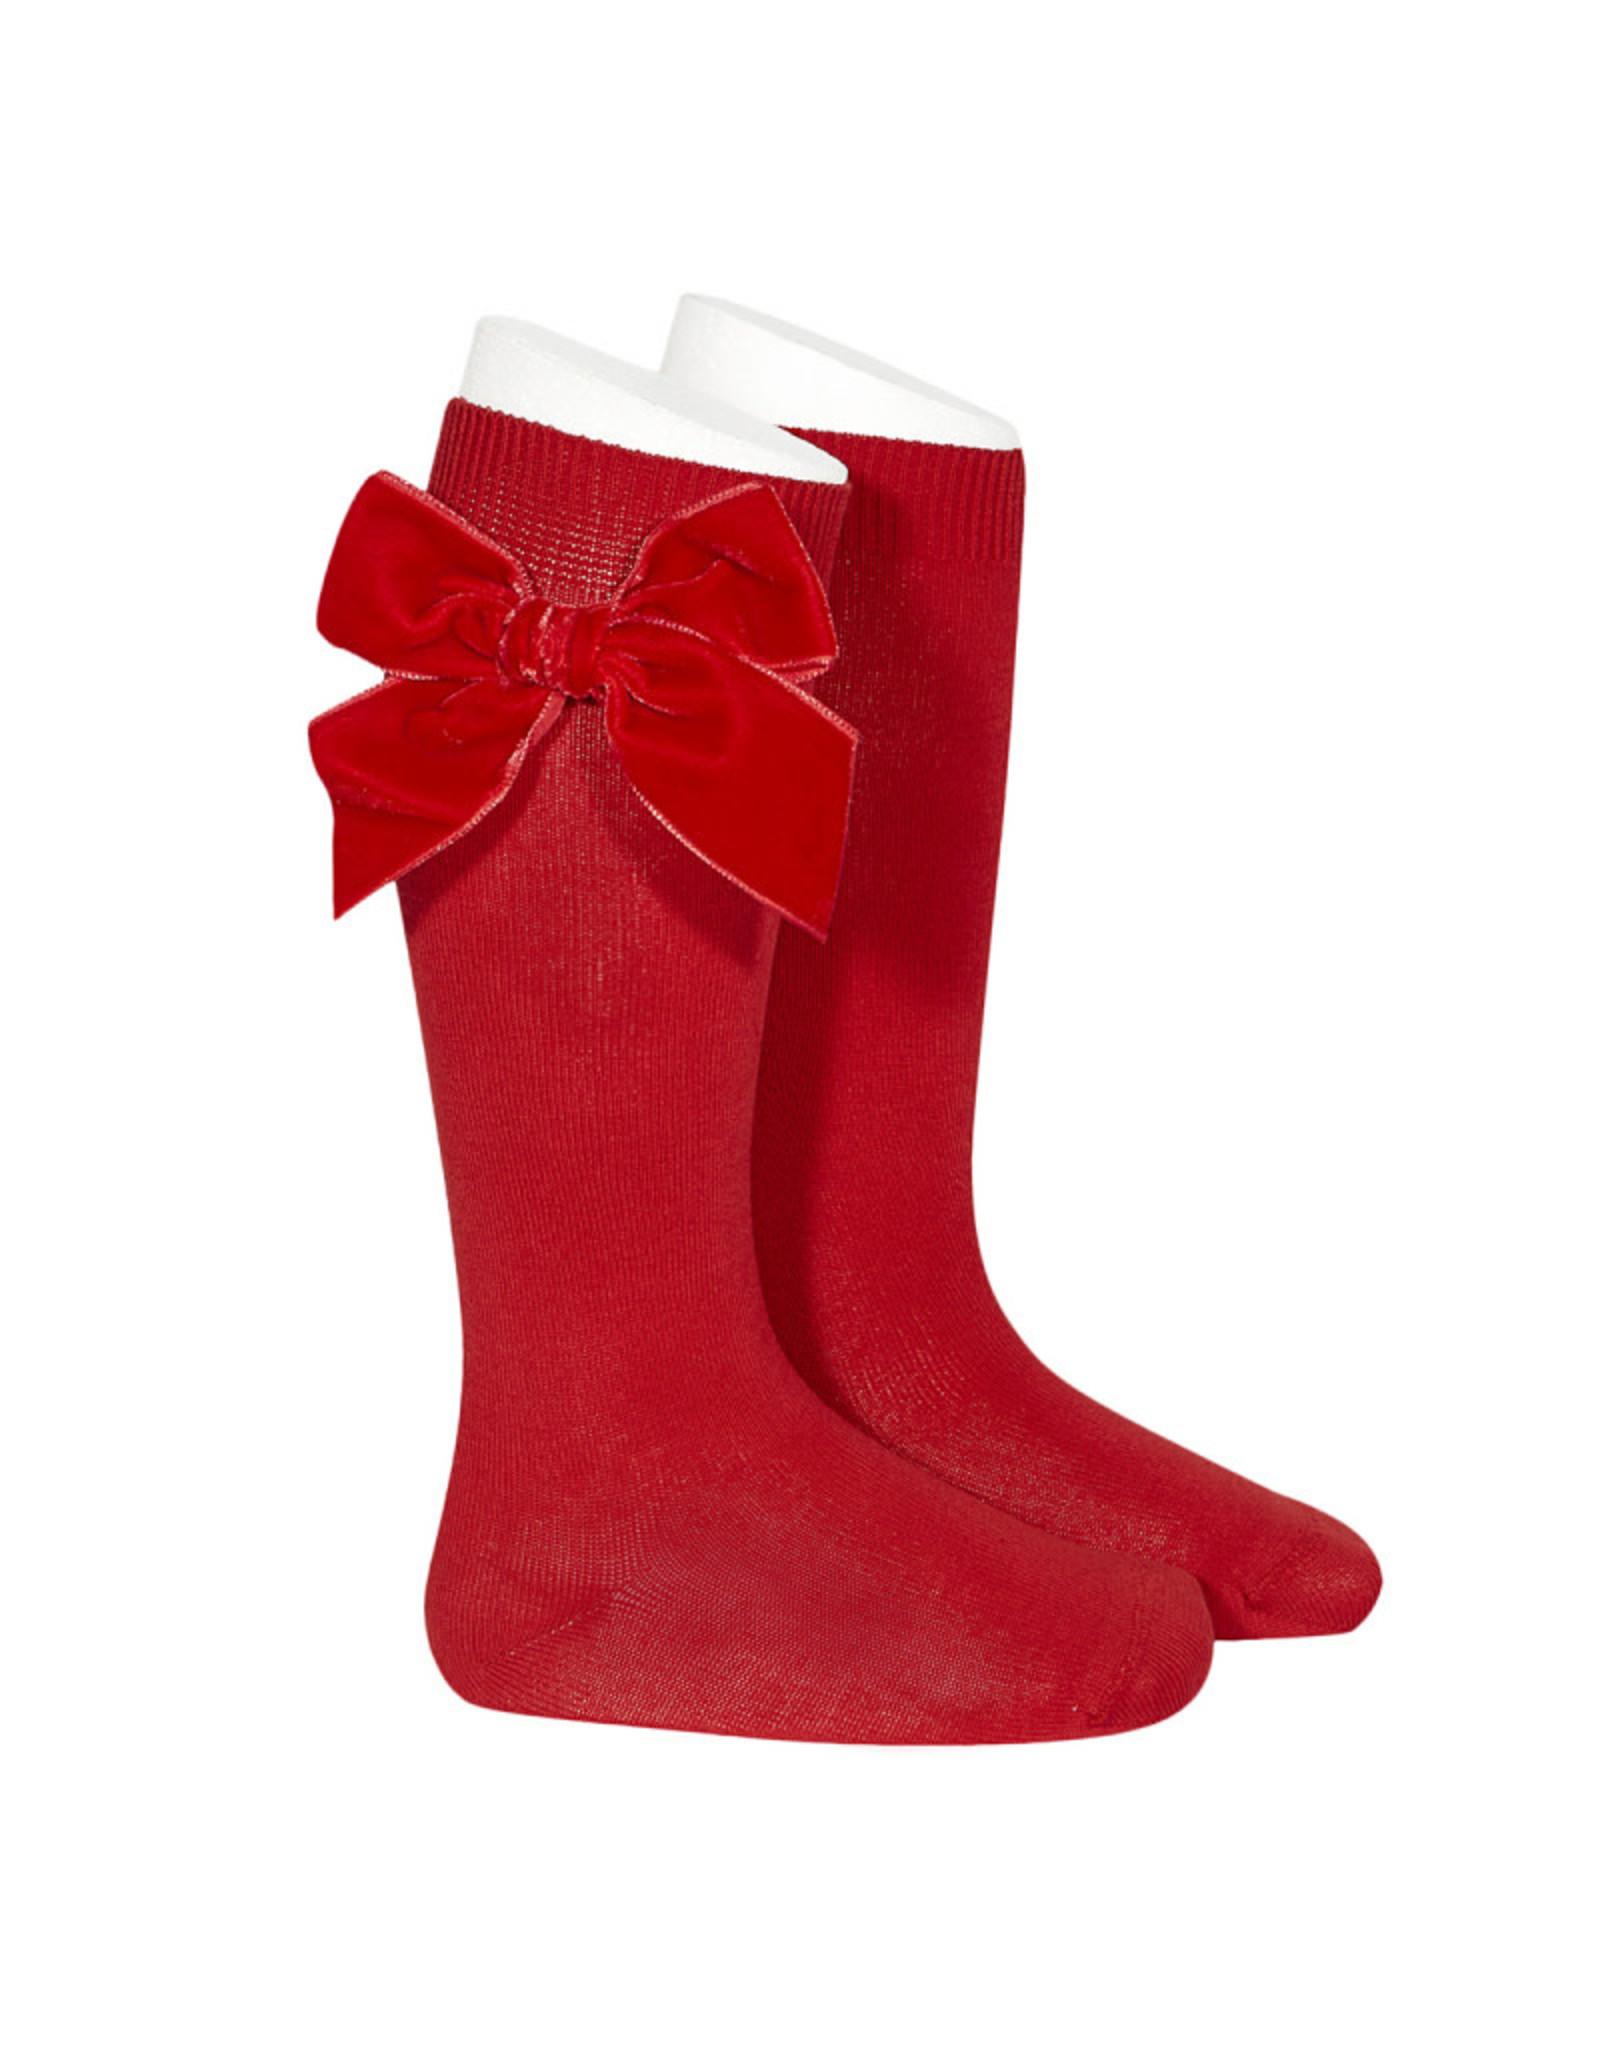 CONDOR Red Velvet Bow Socks